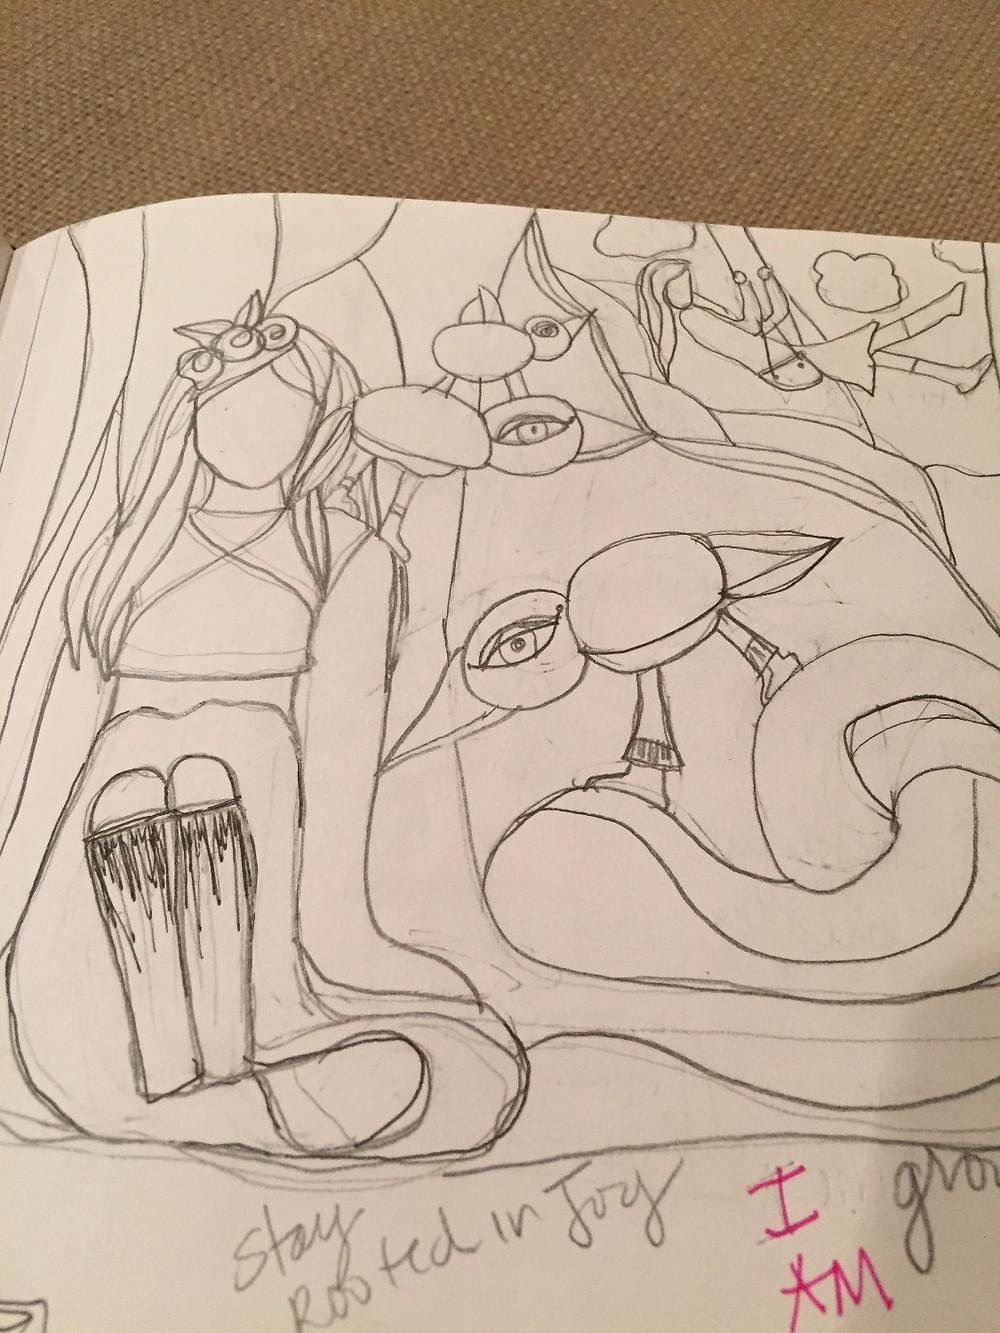 karen payton sketch